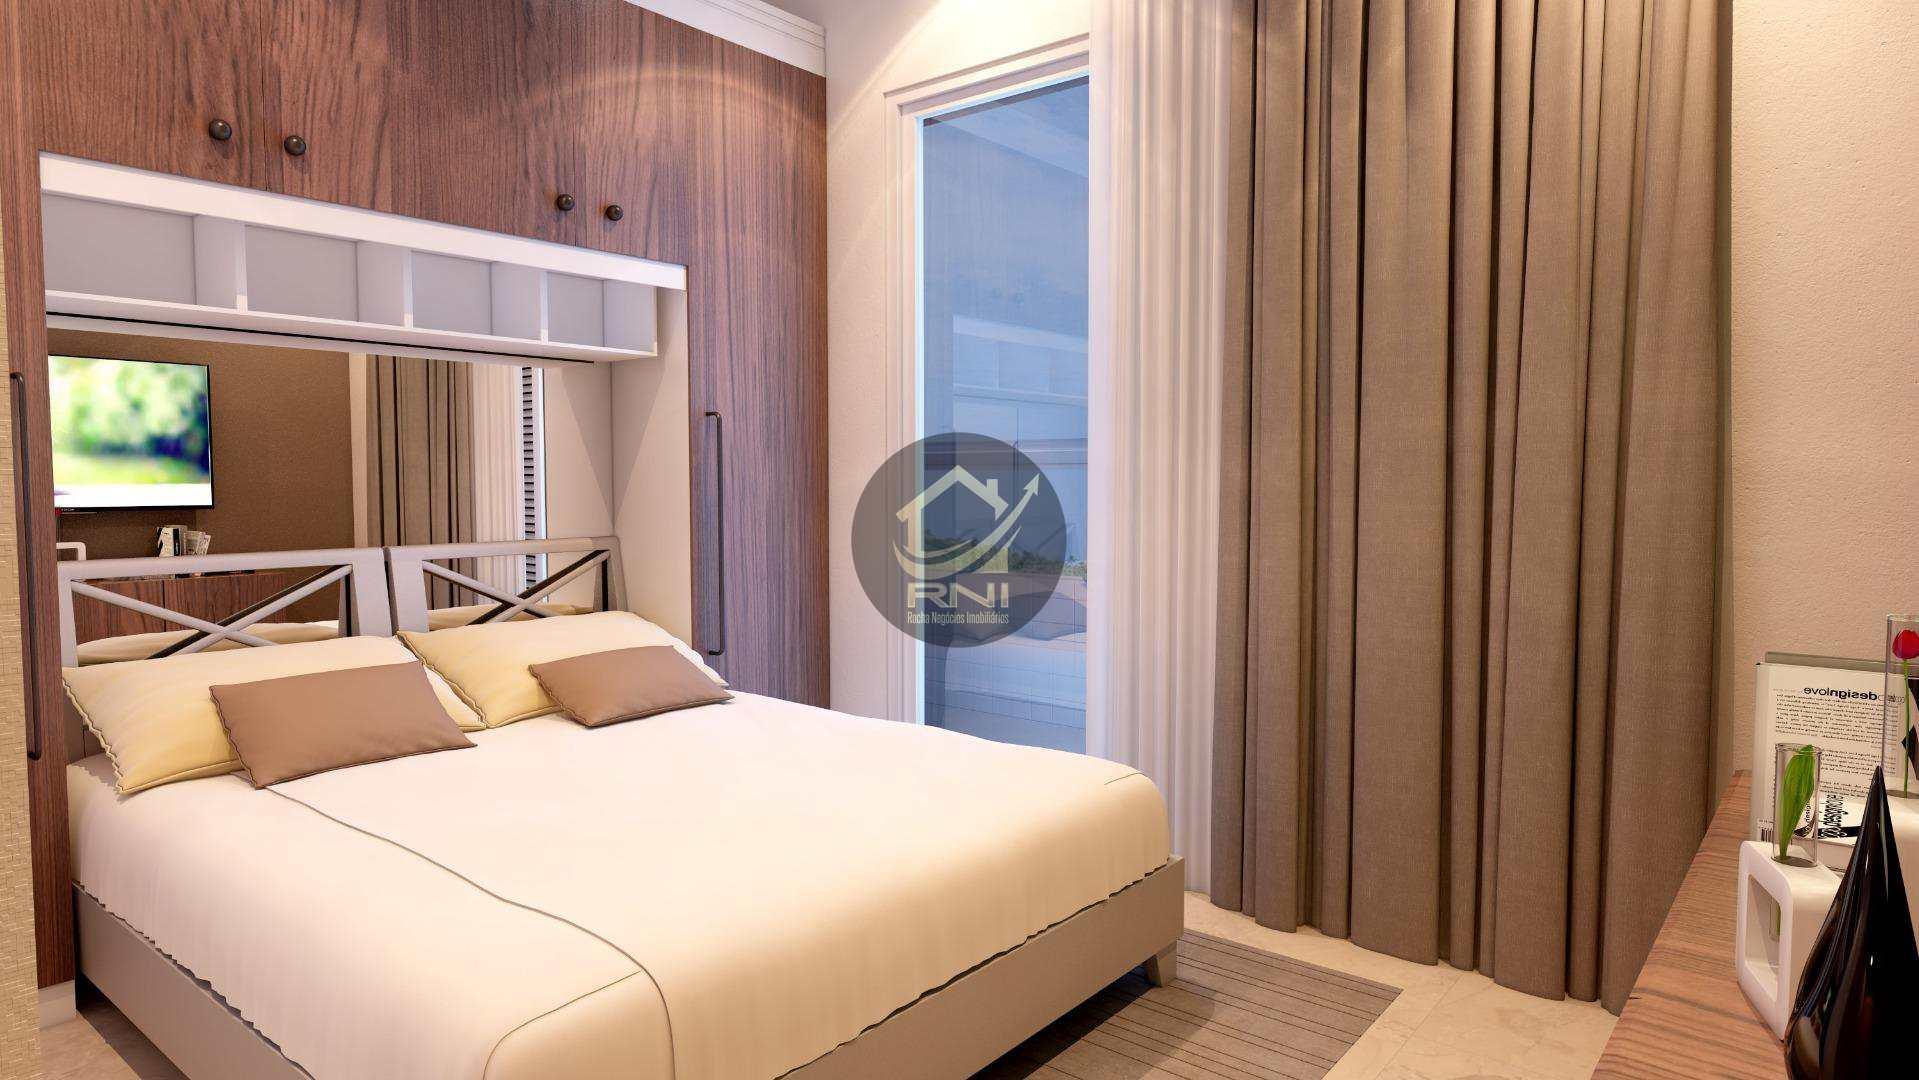 Apartamento com 2 dormitórios à venda, 79 m² por R$ 376.855,12 - Vila Guilhermina - Praia Grande/SP